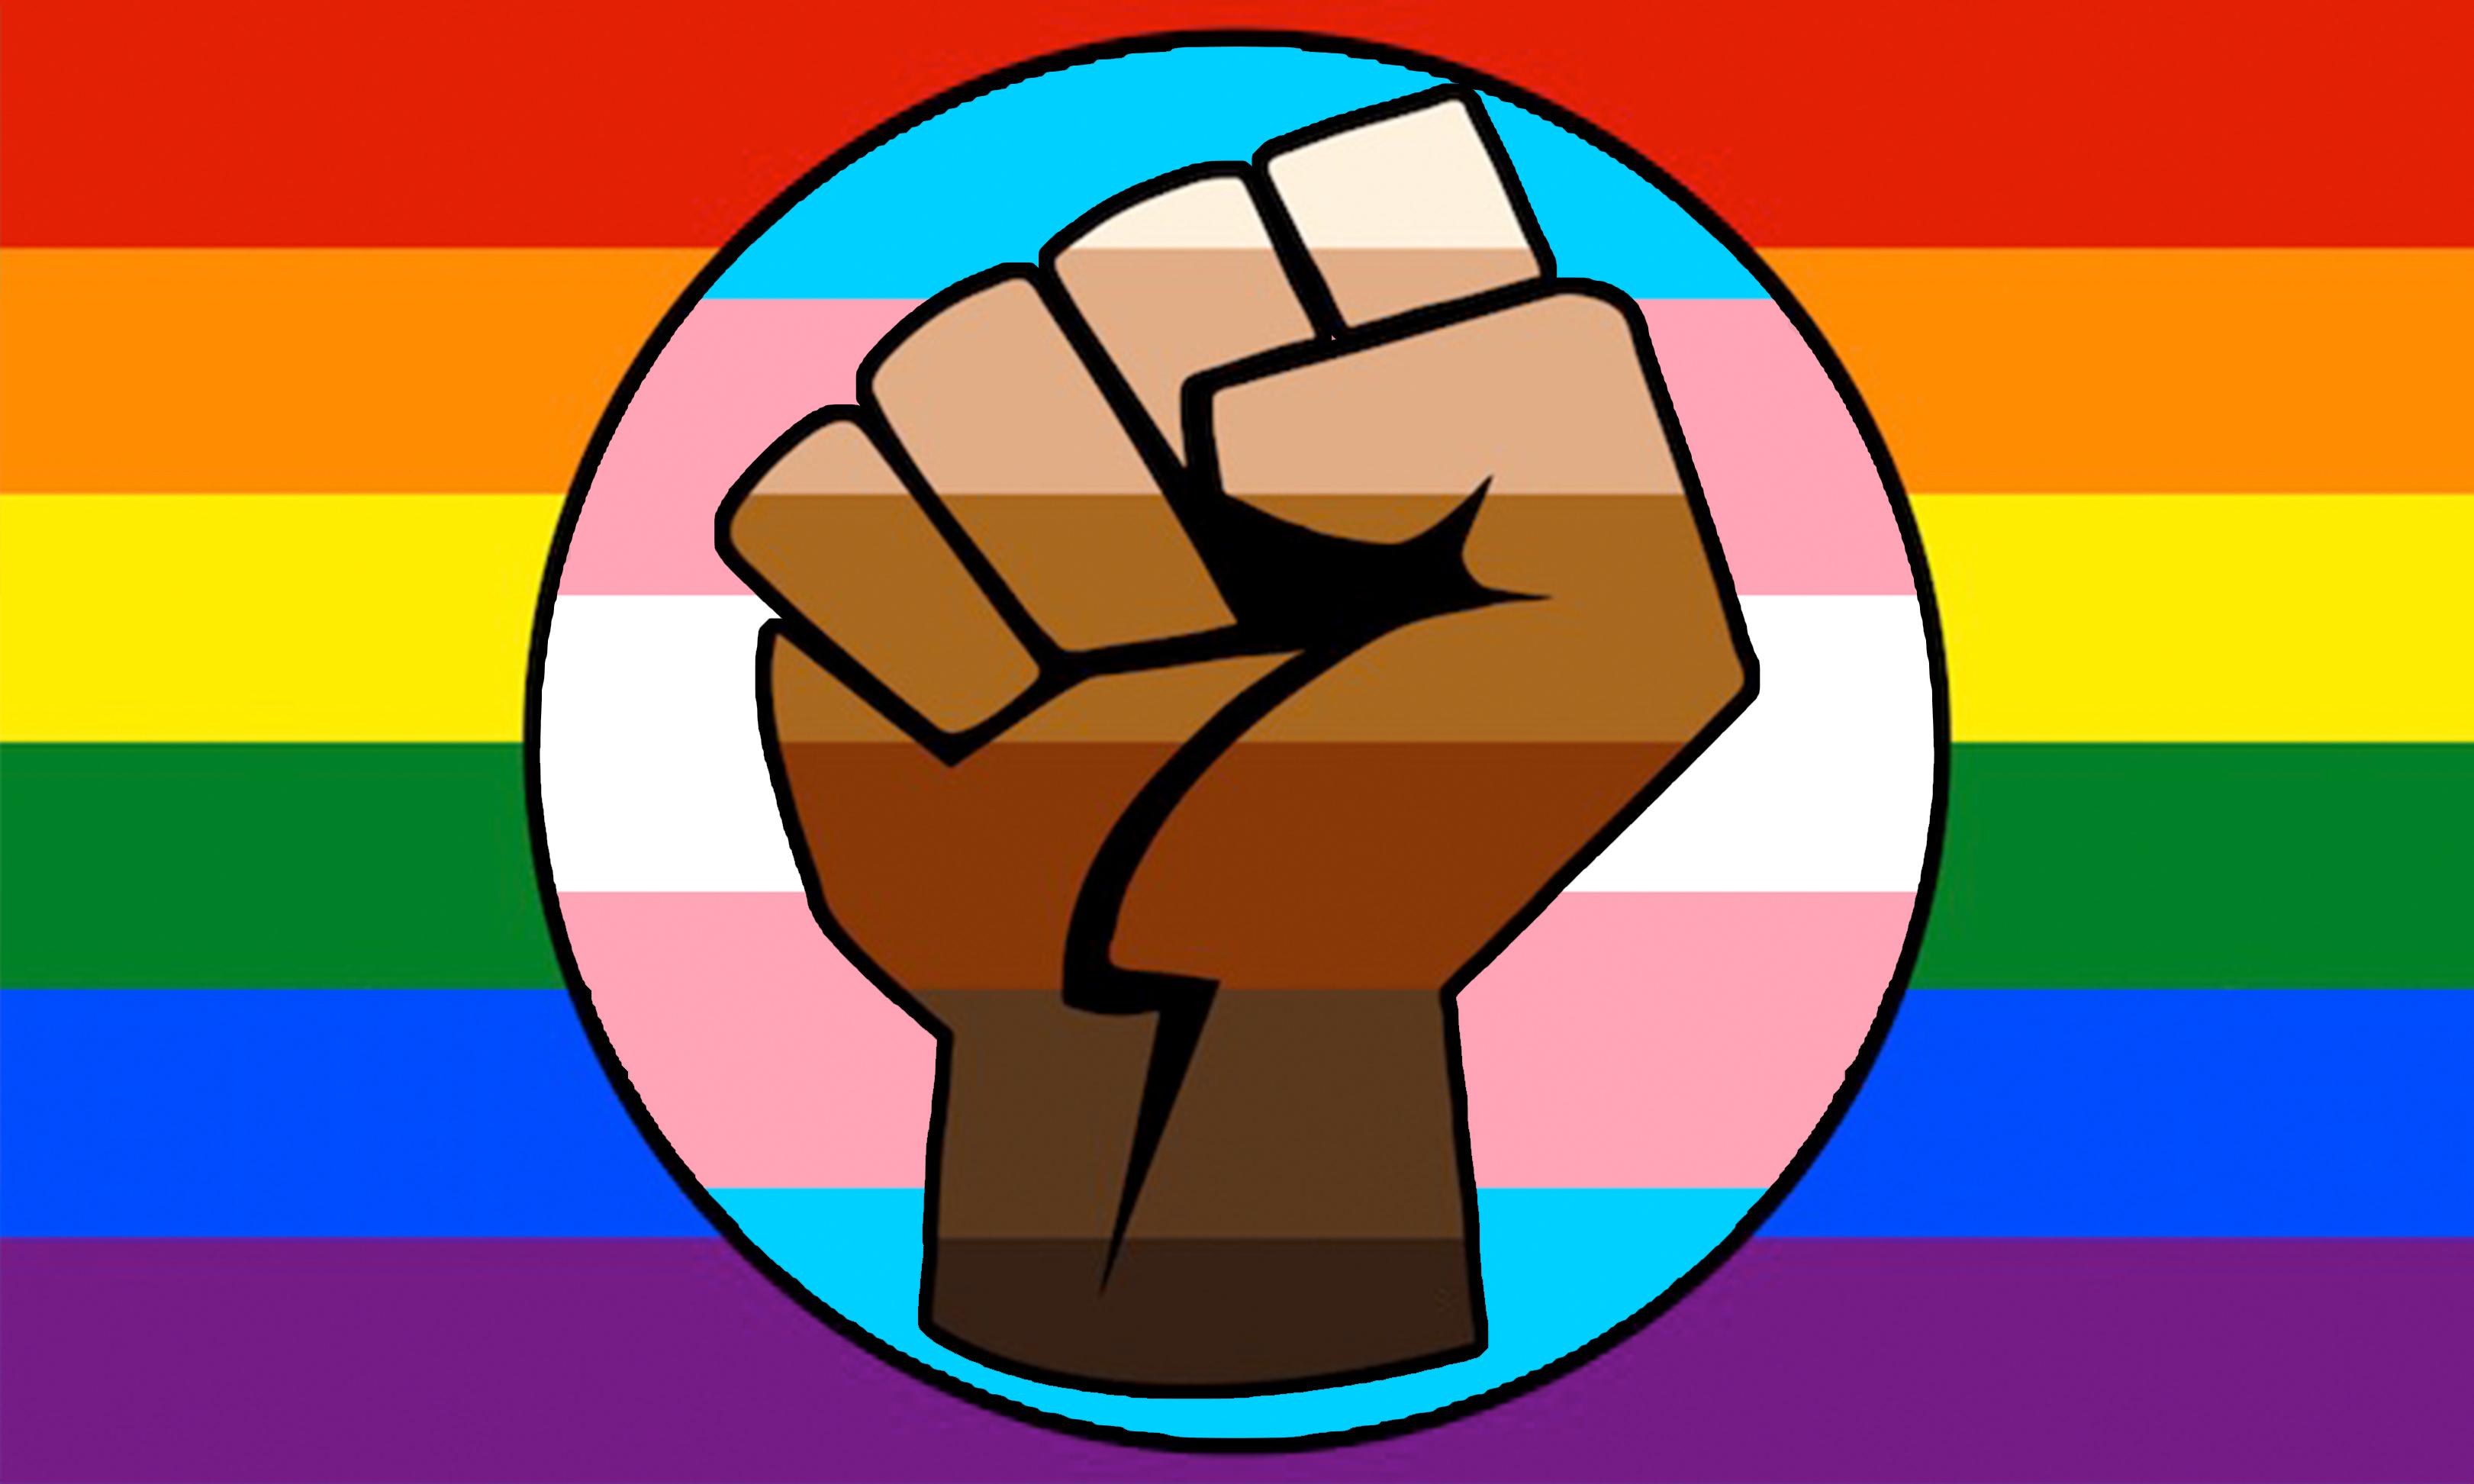 A custom rainbow flag with a fist on it.